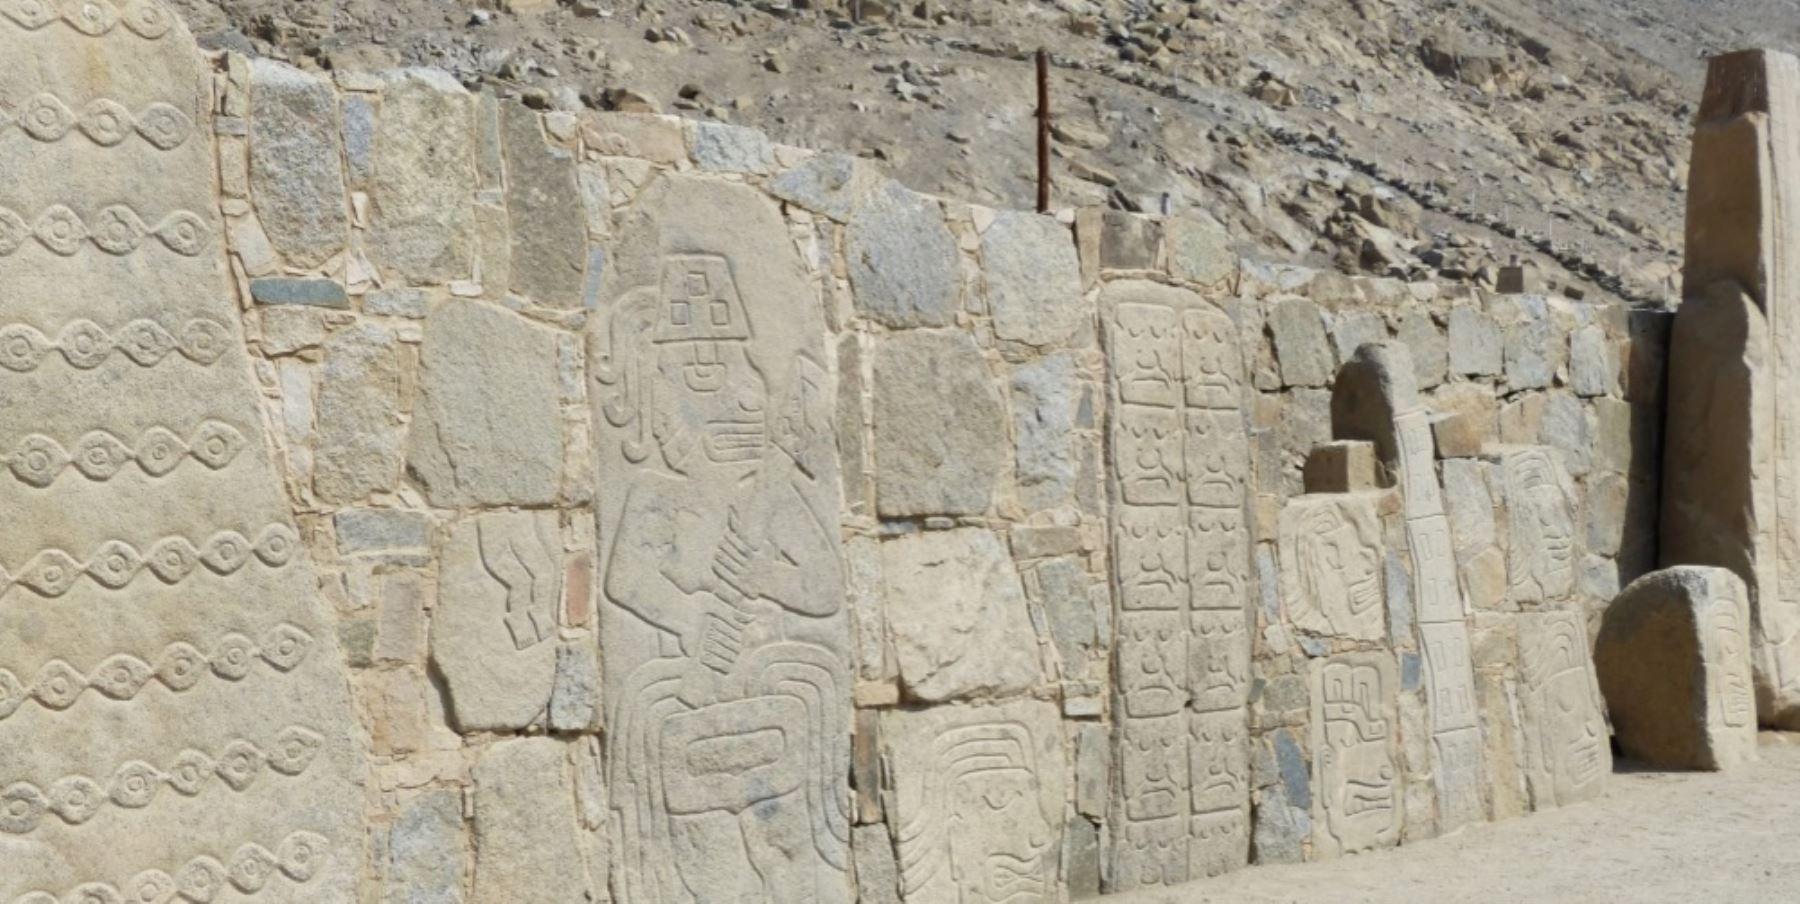 Dentro de este edificio se encuentra un edificio de piedras con una fachada decorada con casi 300 piedras en relieve que representan sacerdotes y cuerpos mutilados.